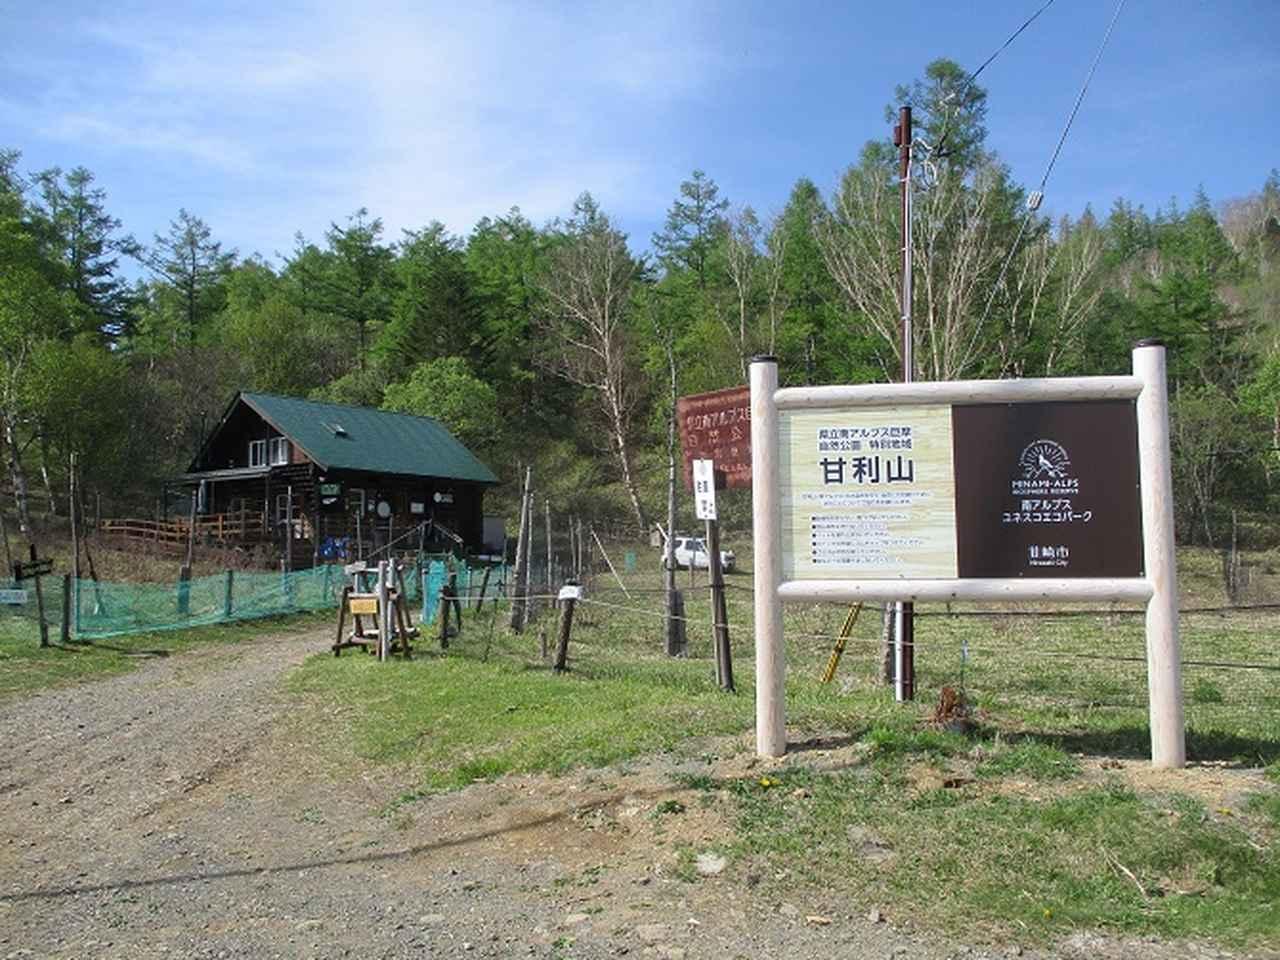 画像1: 6月の山旅会 「甘利山」 の下見にいってきました!